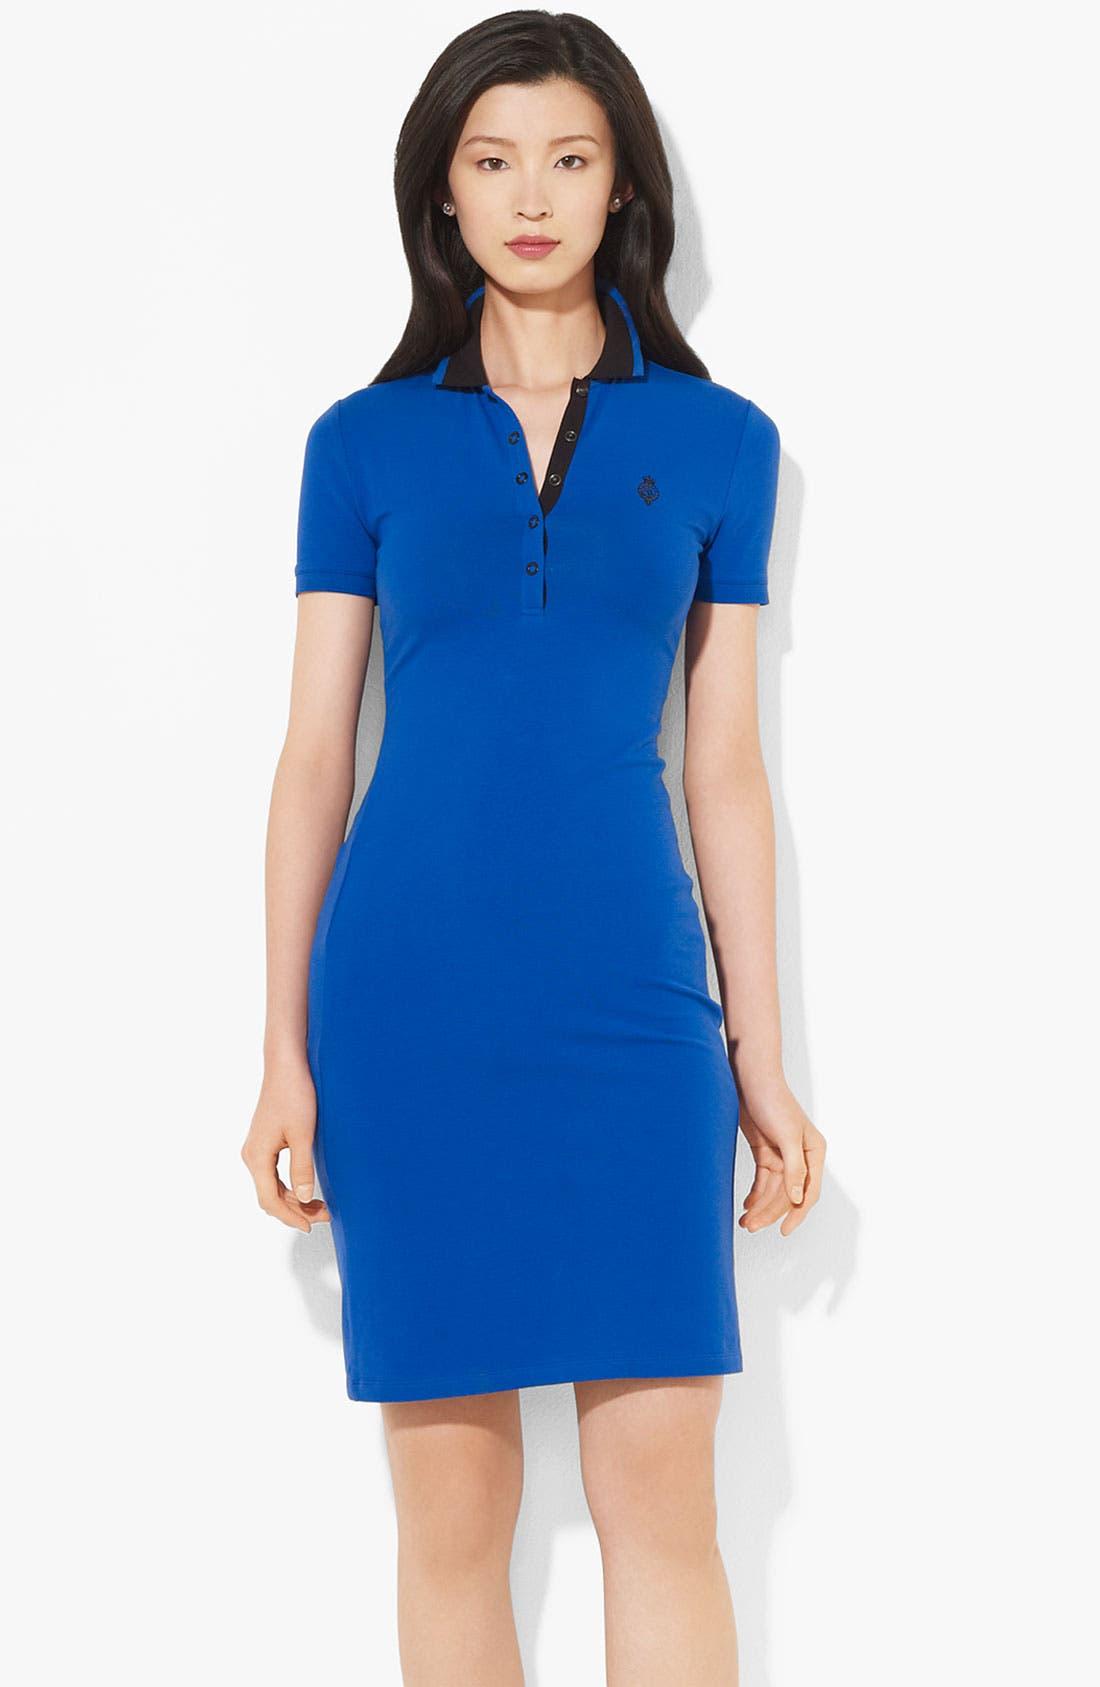 Alternate Image 1 Selected - Lauren Ralph Lauren Polo Dress